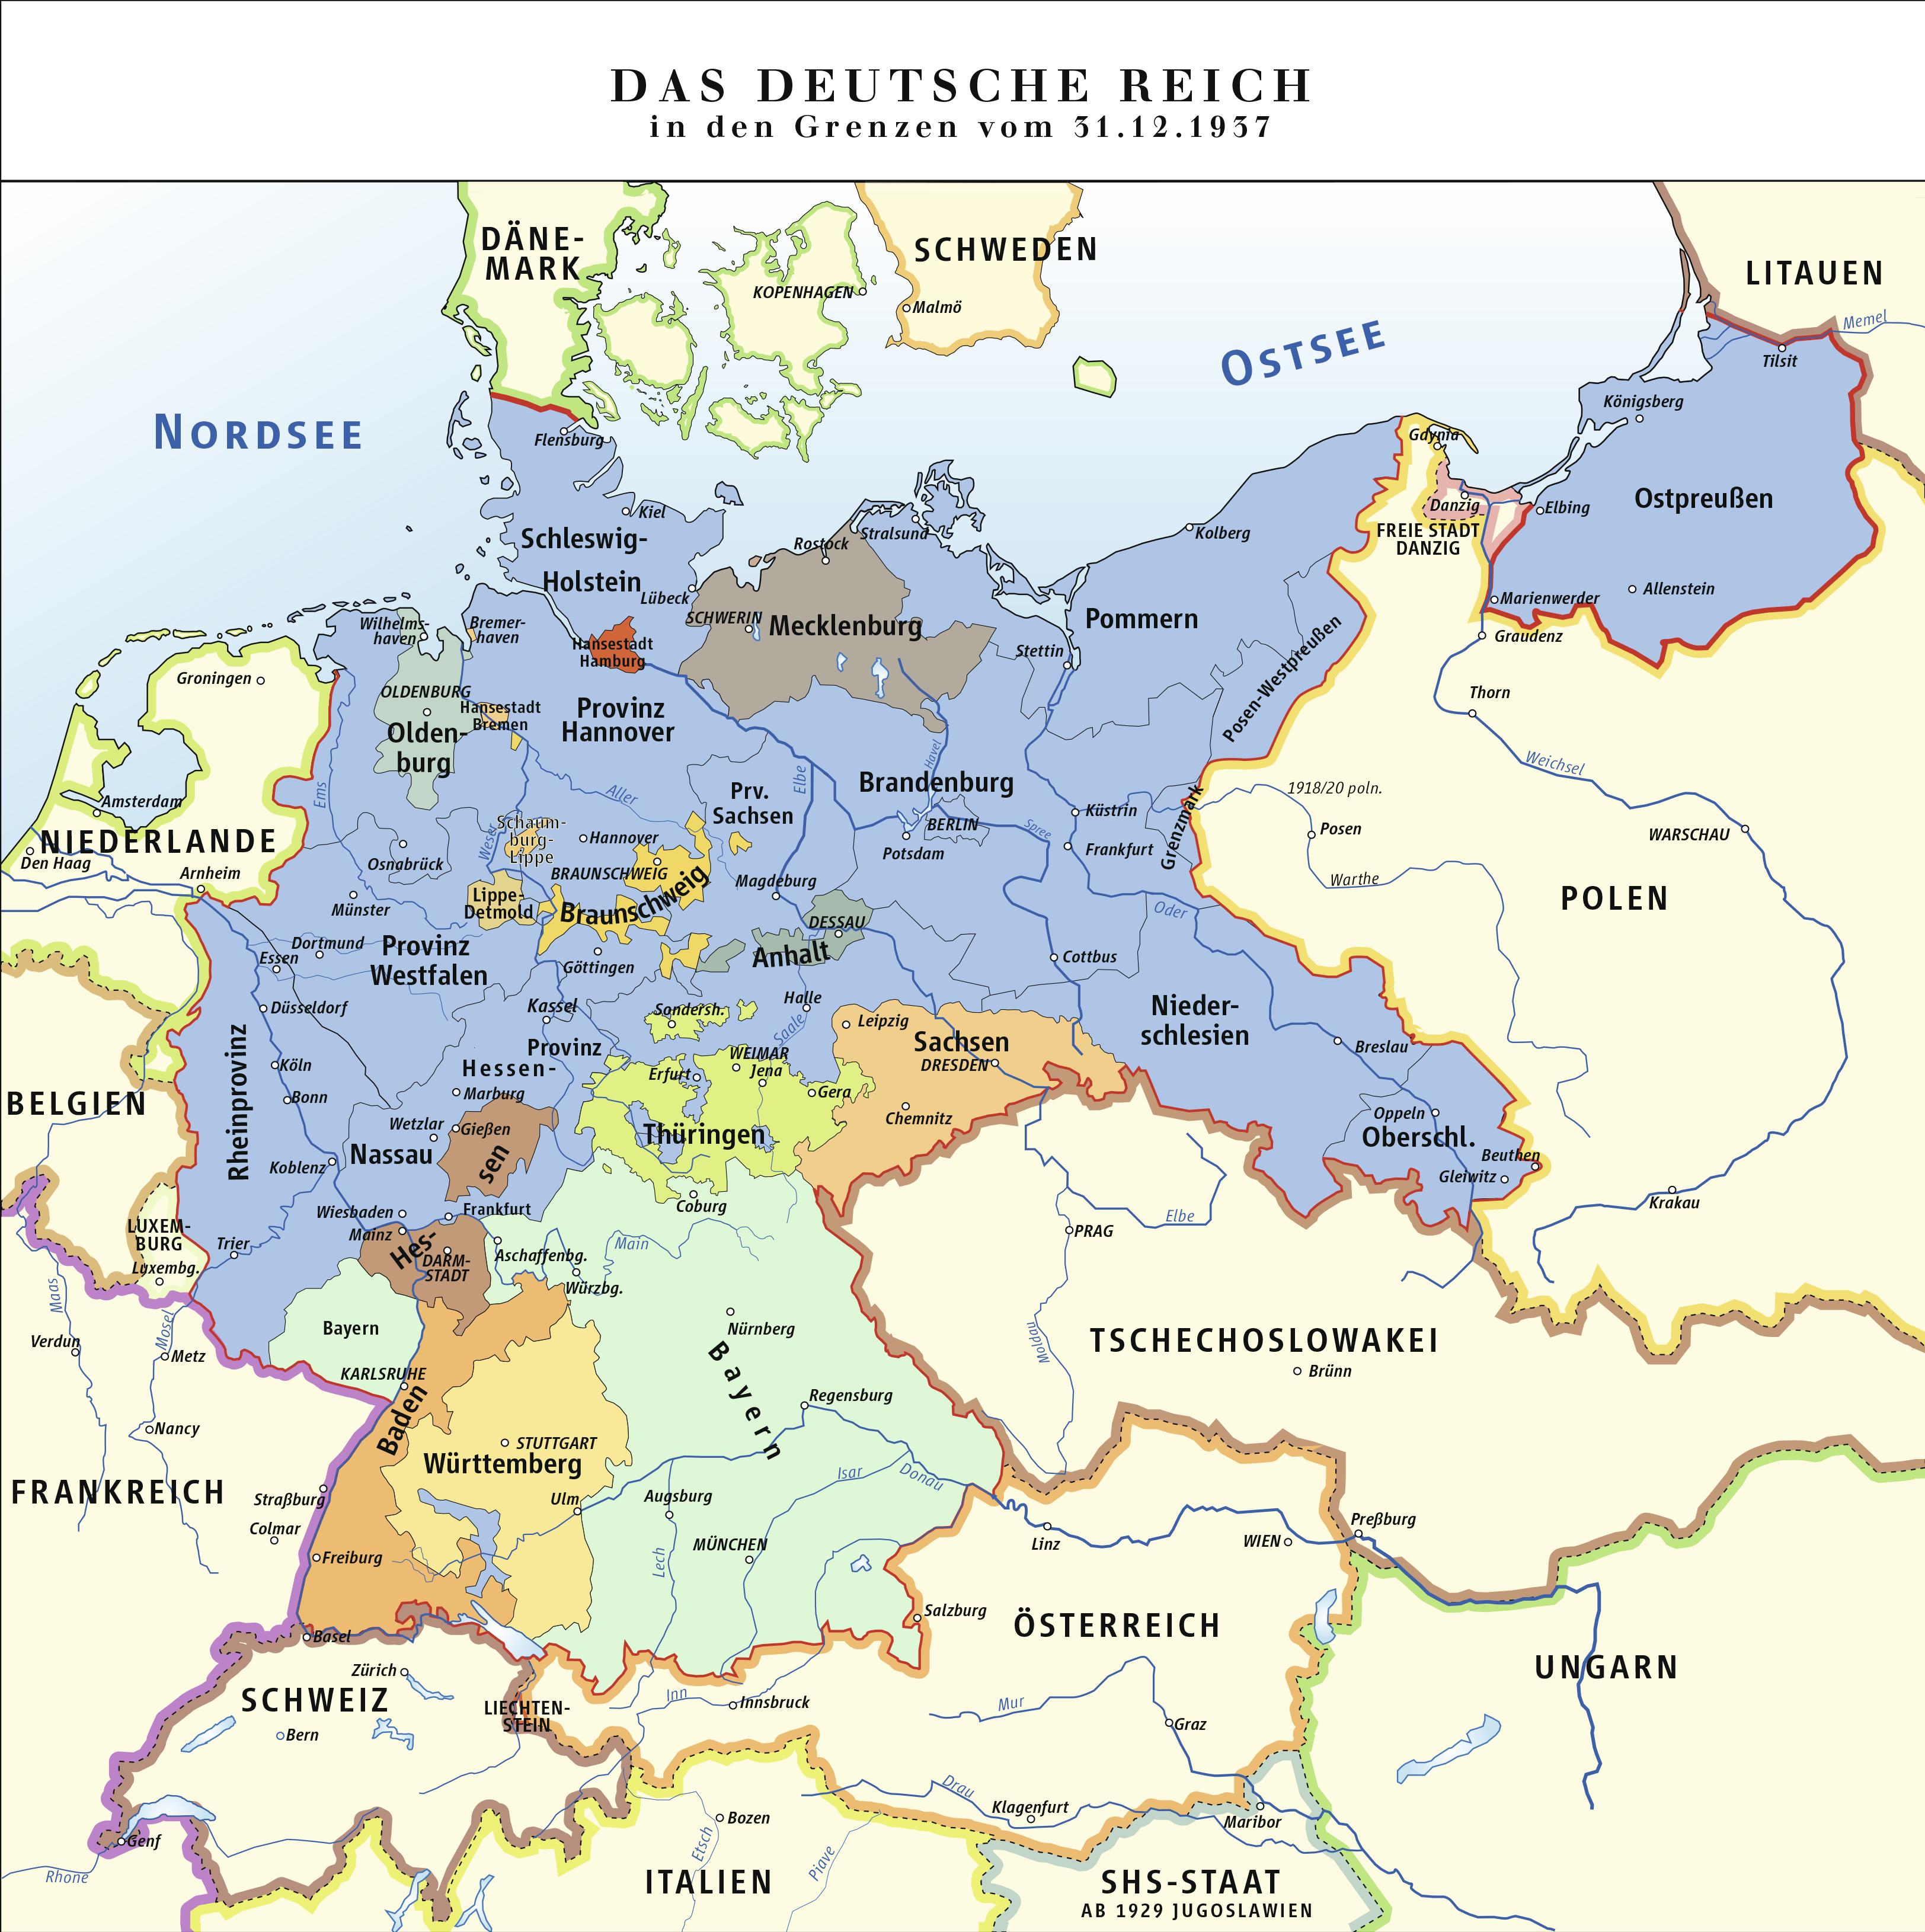 deutschland 2 weltkrieg karte Deutsches Reich in den Grenzen vom 31. Dezember 1937 – Wikipedia